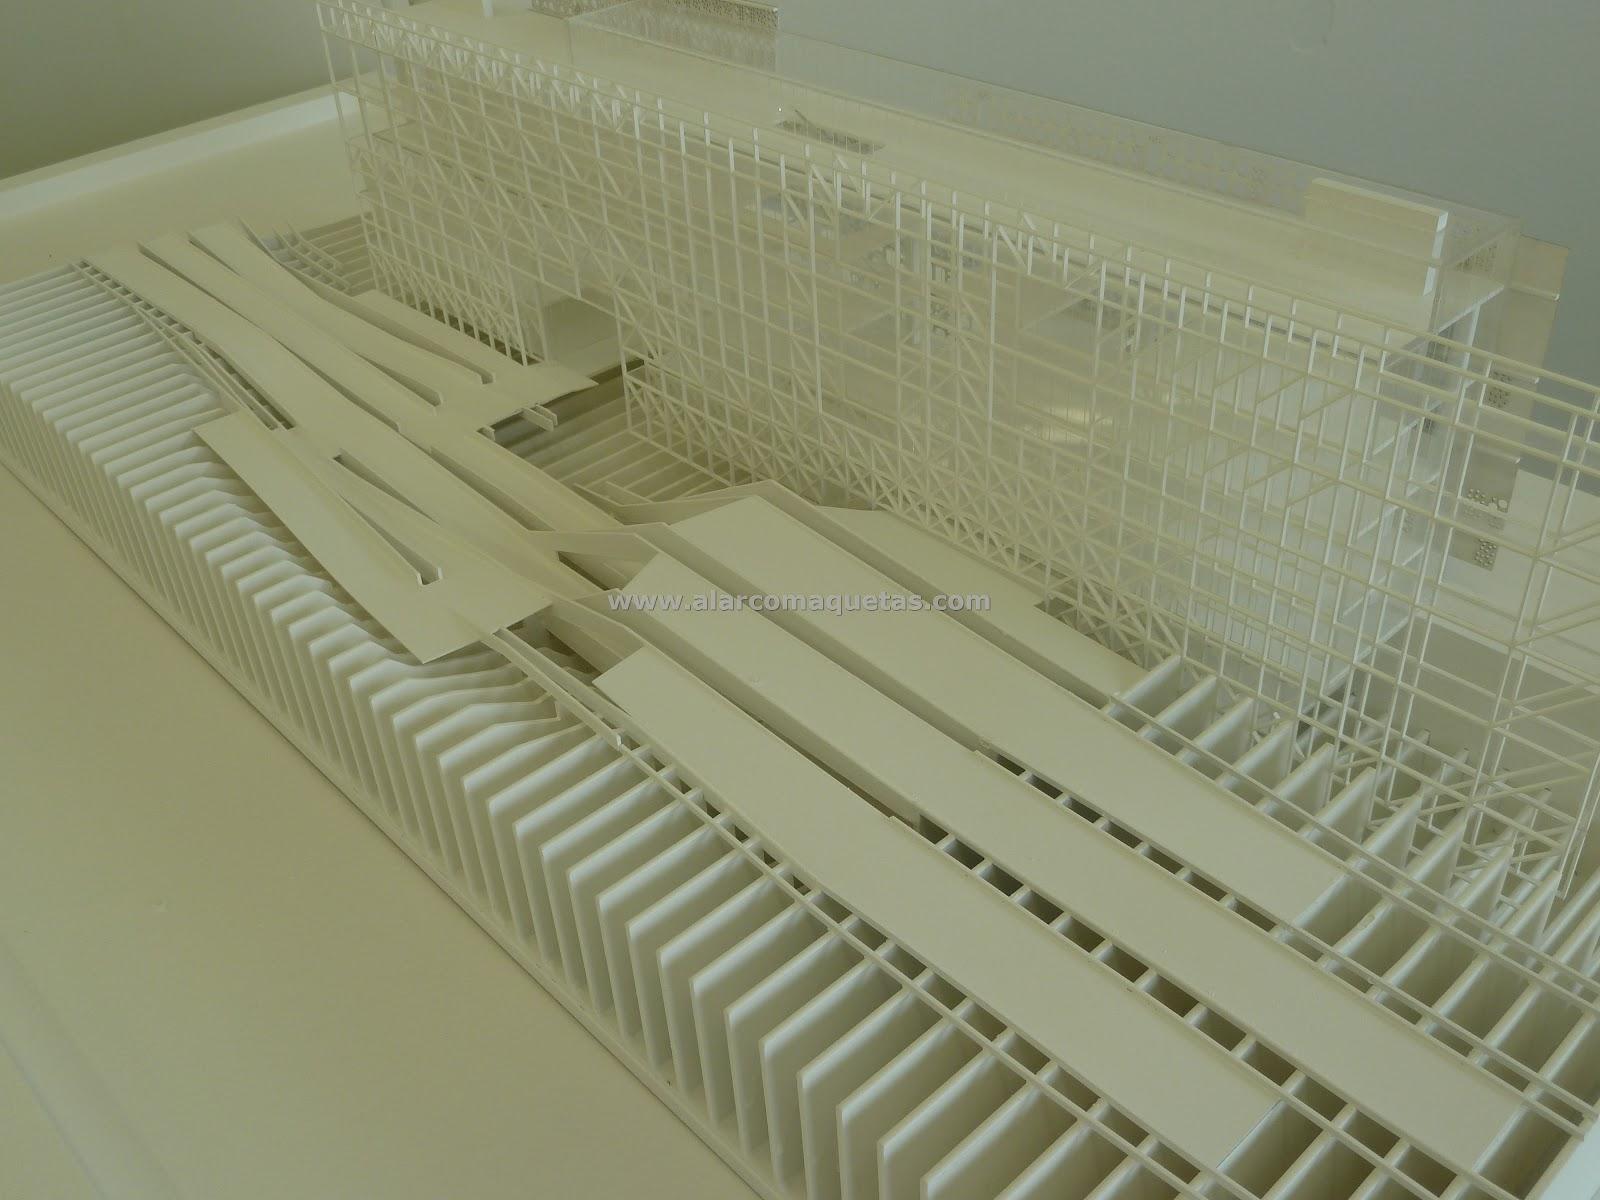 Maquetas de arquitectura hacemos realidad sus proyectos for Arquitectura de proyectos